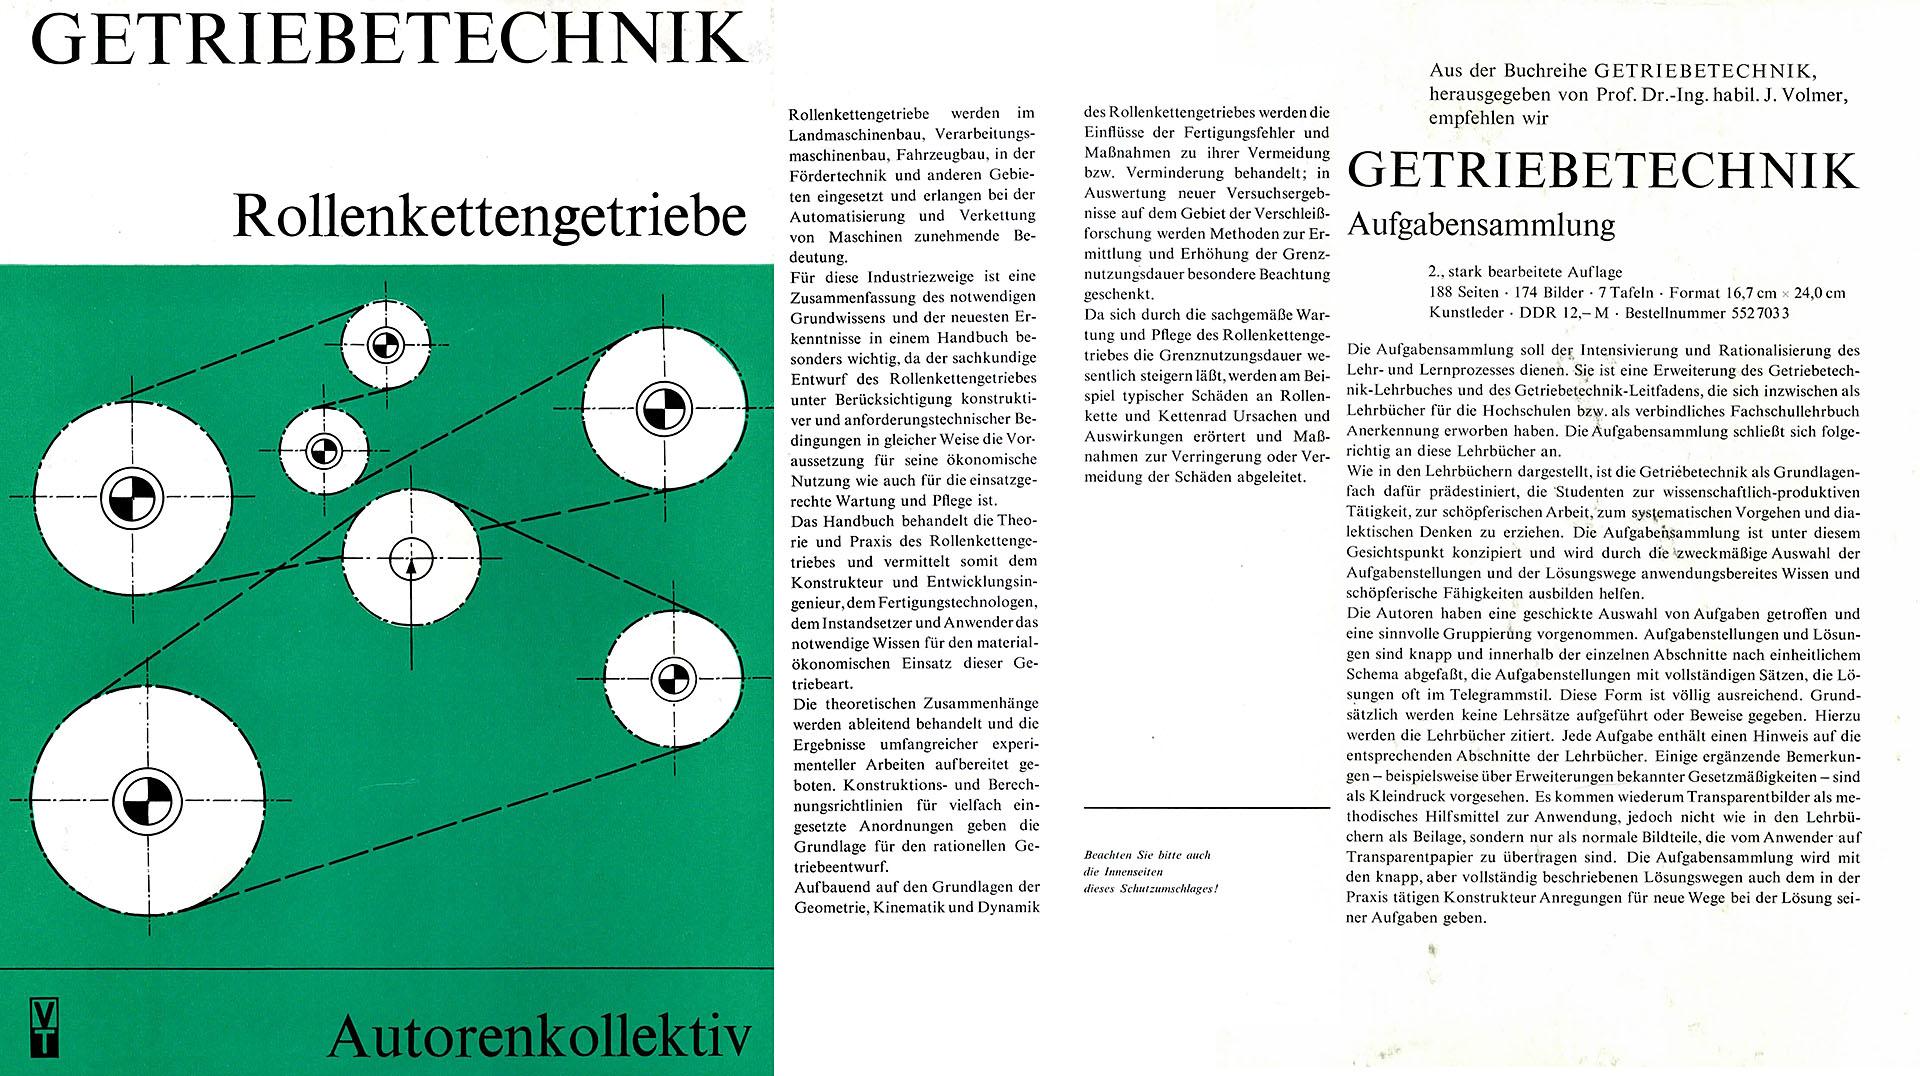 Getriebetechnik - Rollenkettengetriebe - Autorenkollektiv